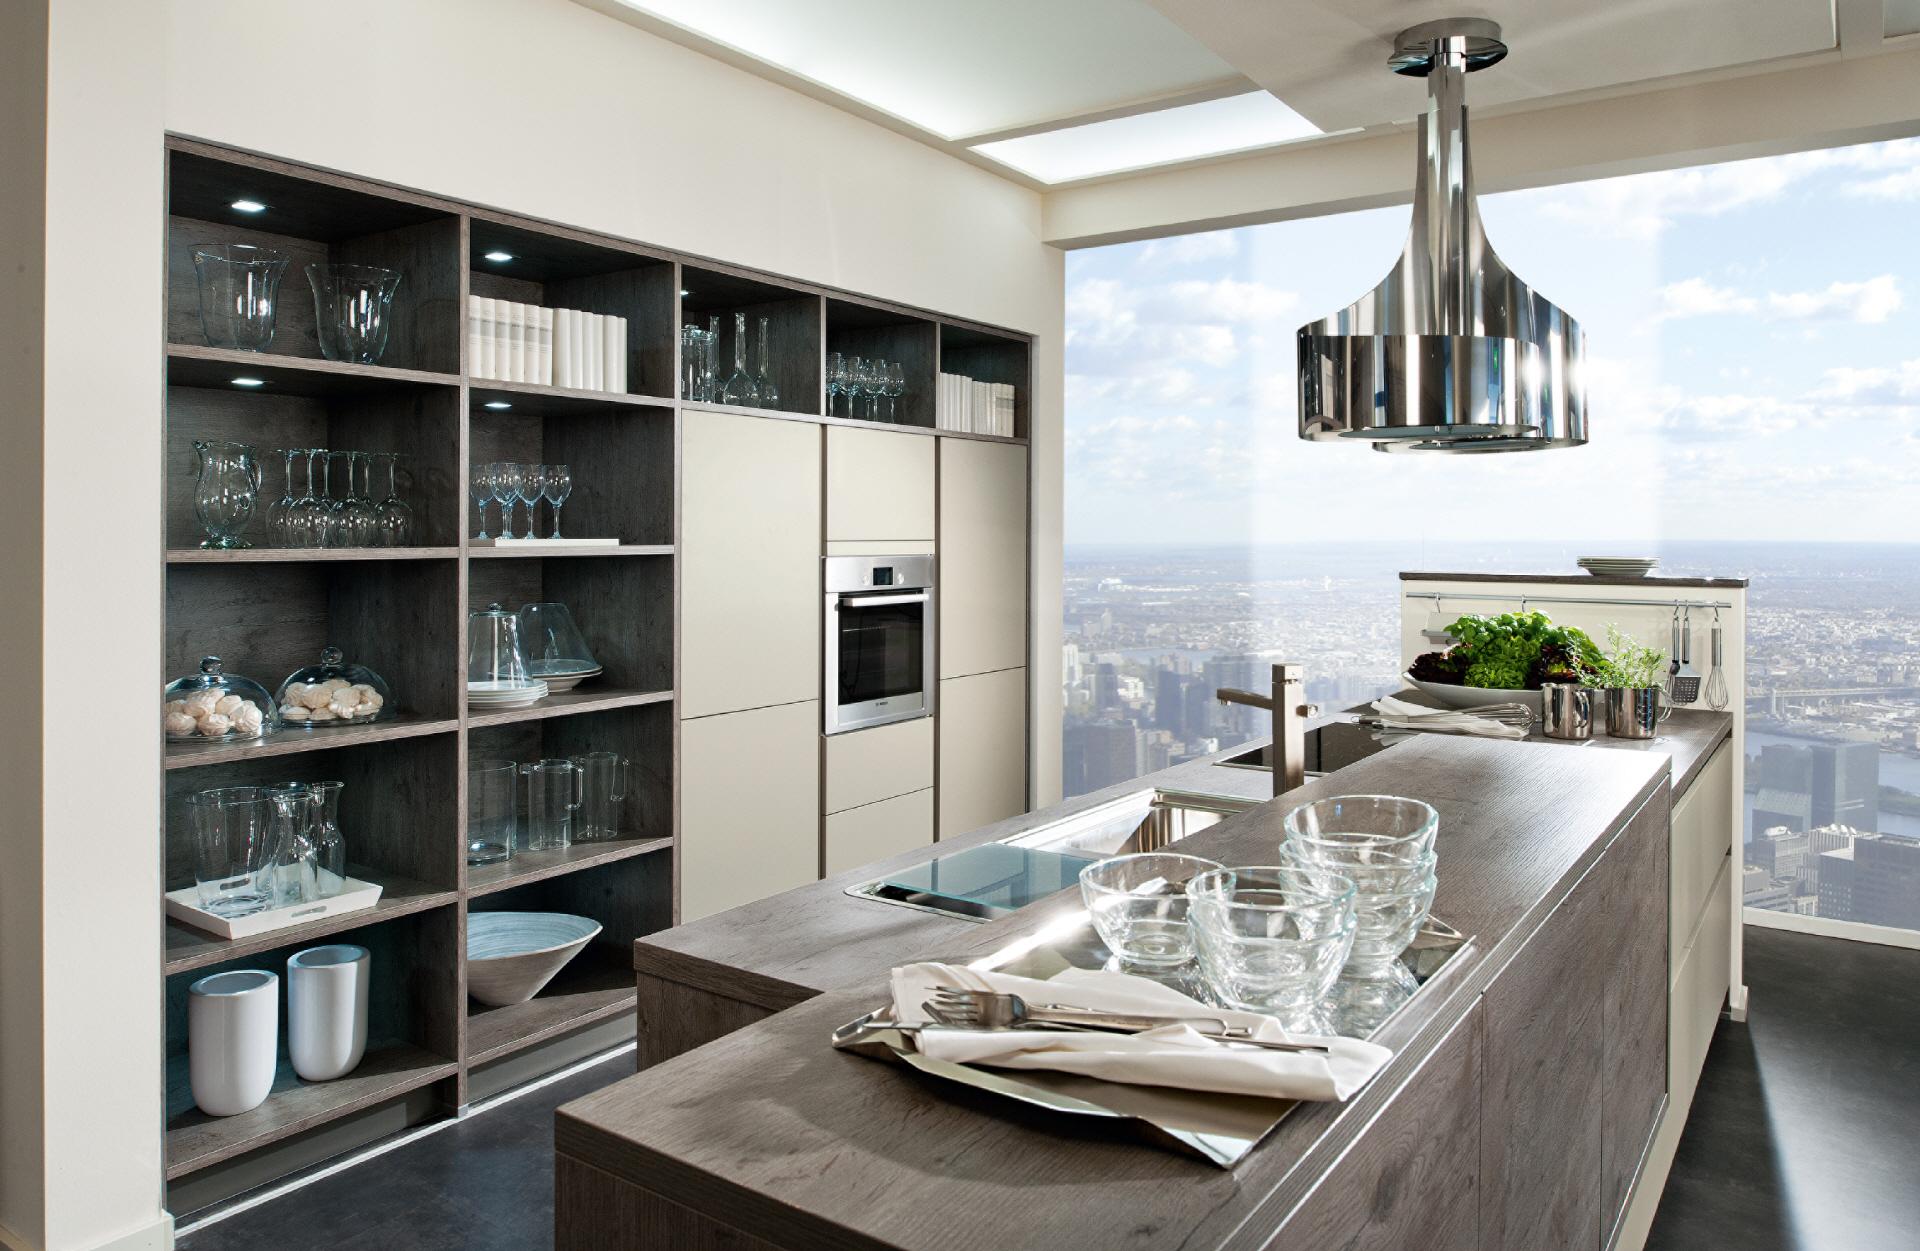 praktische k chen f r das kleine budget p sentiert vom k chenprofi k chenherbert aus storkow. Black Bedroom Furniture Sets. Home Design Ideas